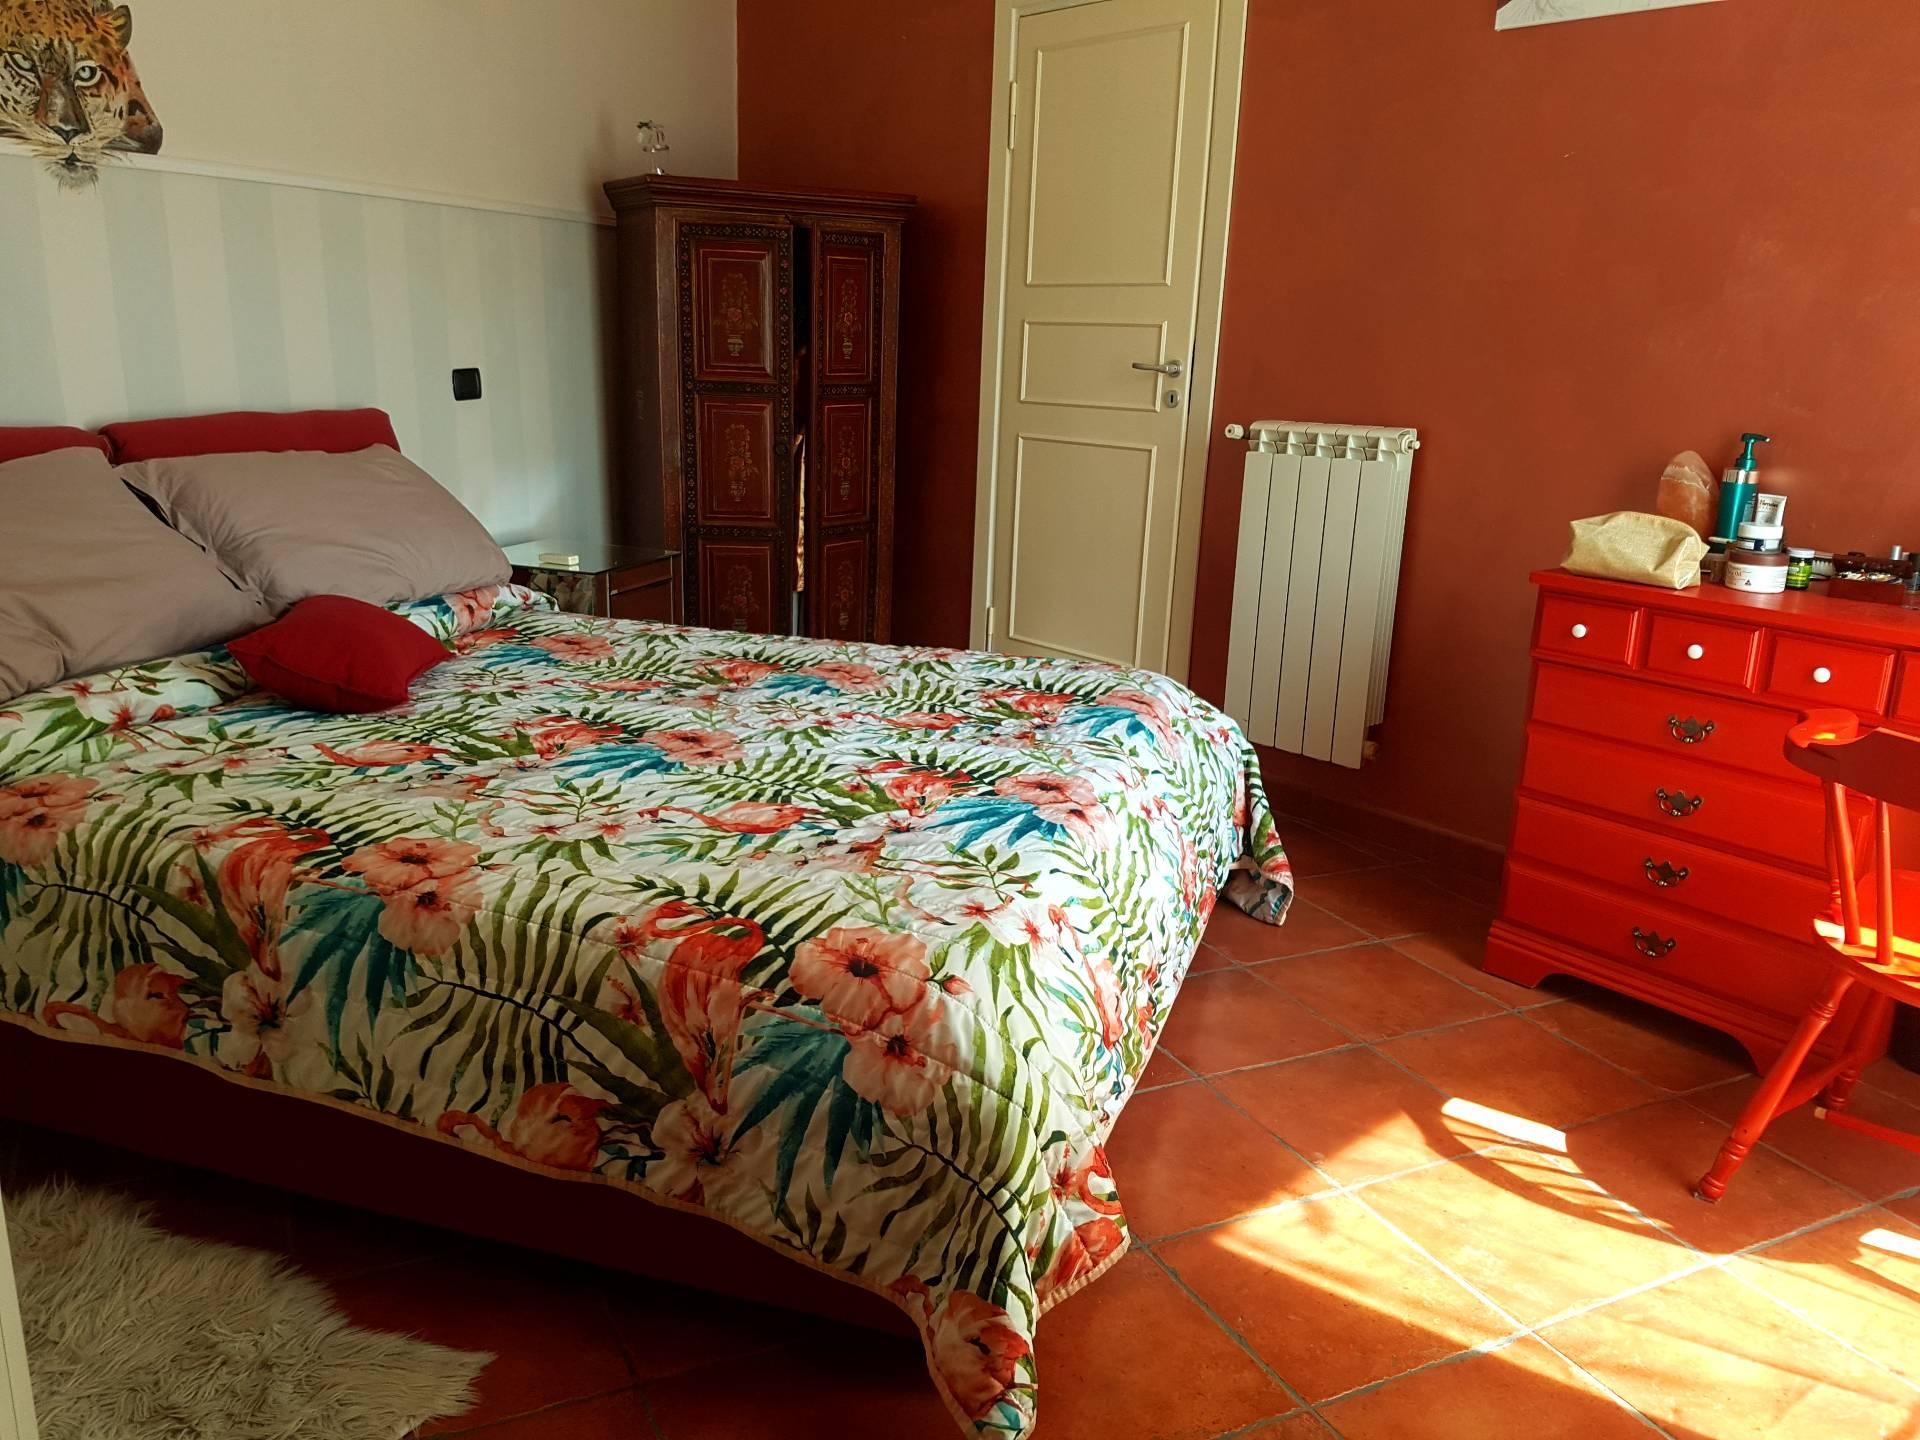 Appartamento in vendita a Viterbo, 4 locali, zona Zona: Centro, prezzo € 115.000 | CambioCasa.it